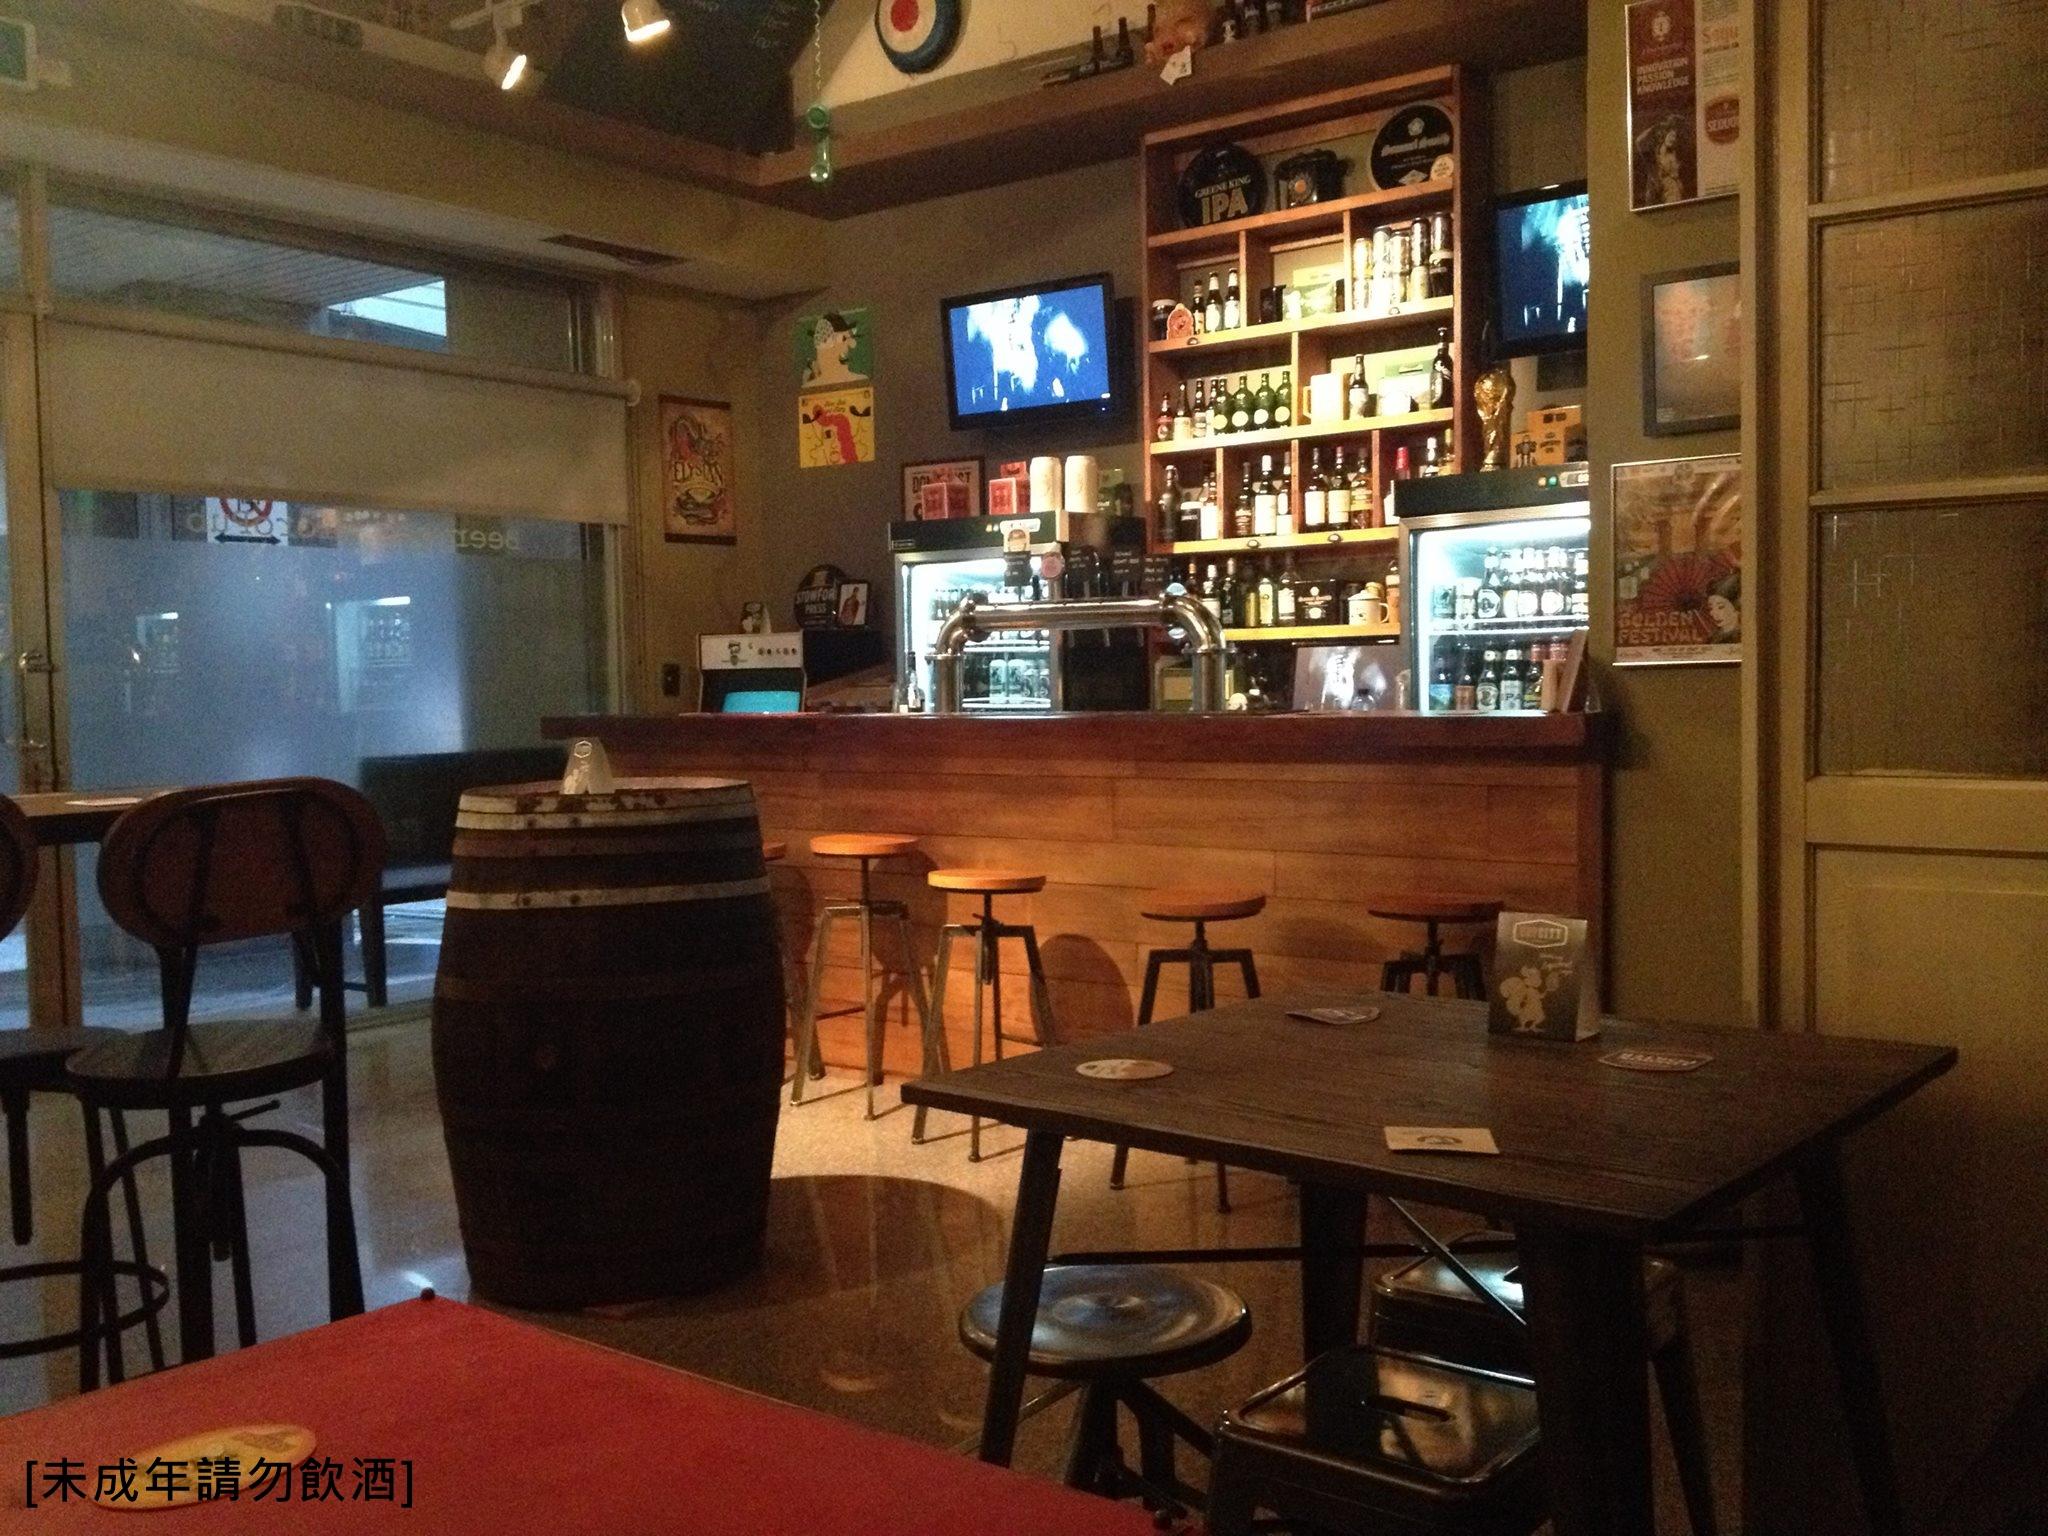 【Beer Geek】 在這裡不僅可以喝到新鮮的手工精釀啤酒,還有美式餐點可以搭配品嘗,這兒也隱藏了不少專業的啤酒高手! *詳細資訊請點擊來源出處